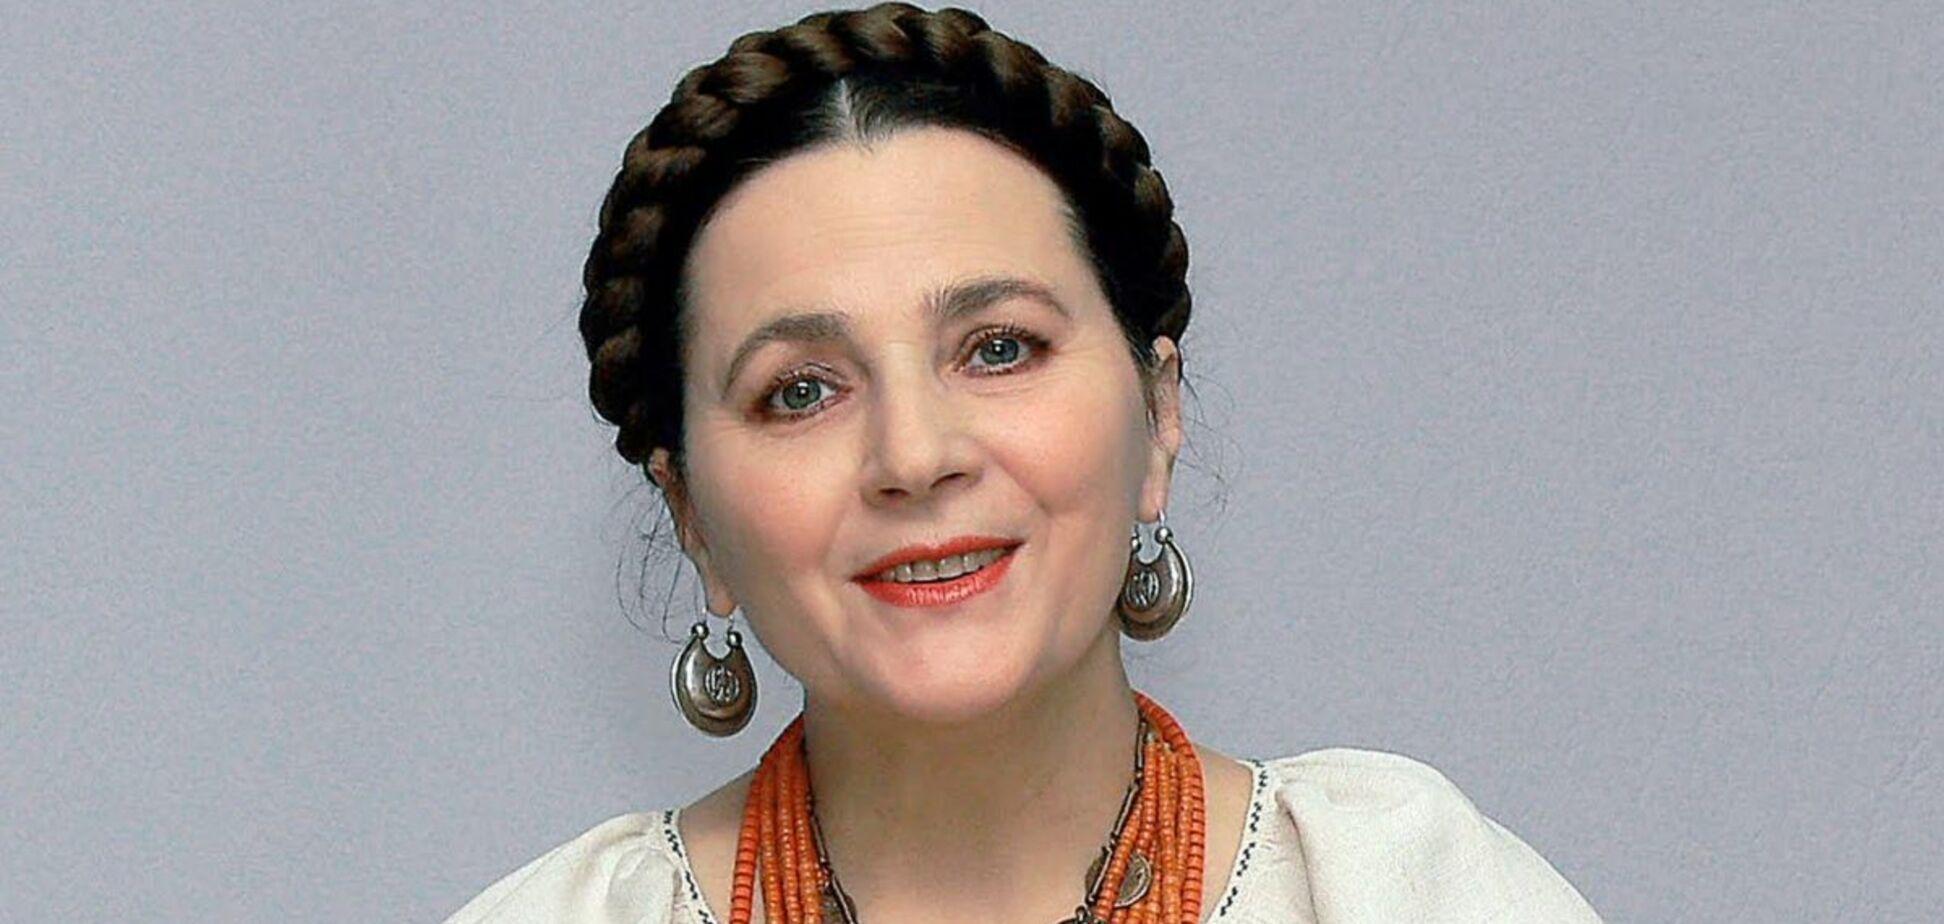 Ніна Матвієнко святкує день народження: цікаві факти з життя артистки